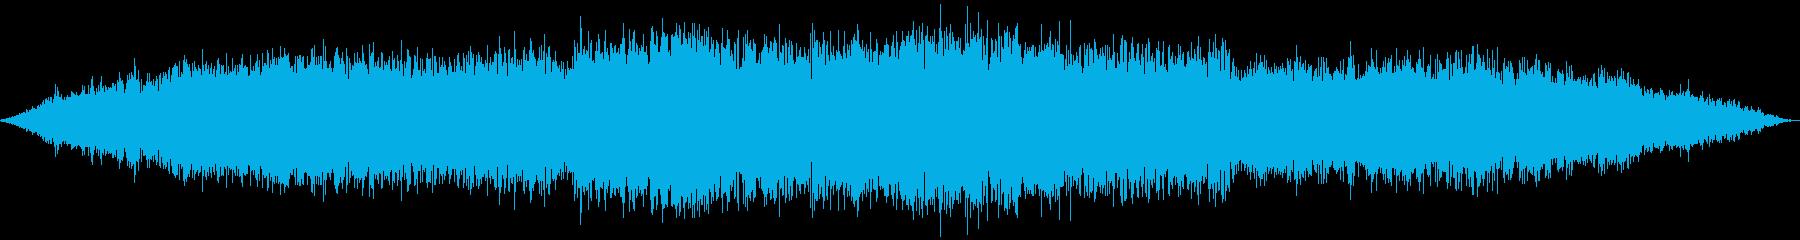 シューッという音EC04_79_2の再生済みの波形